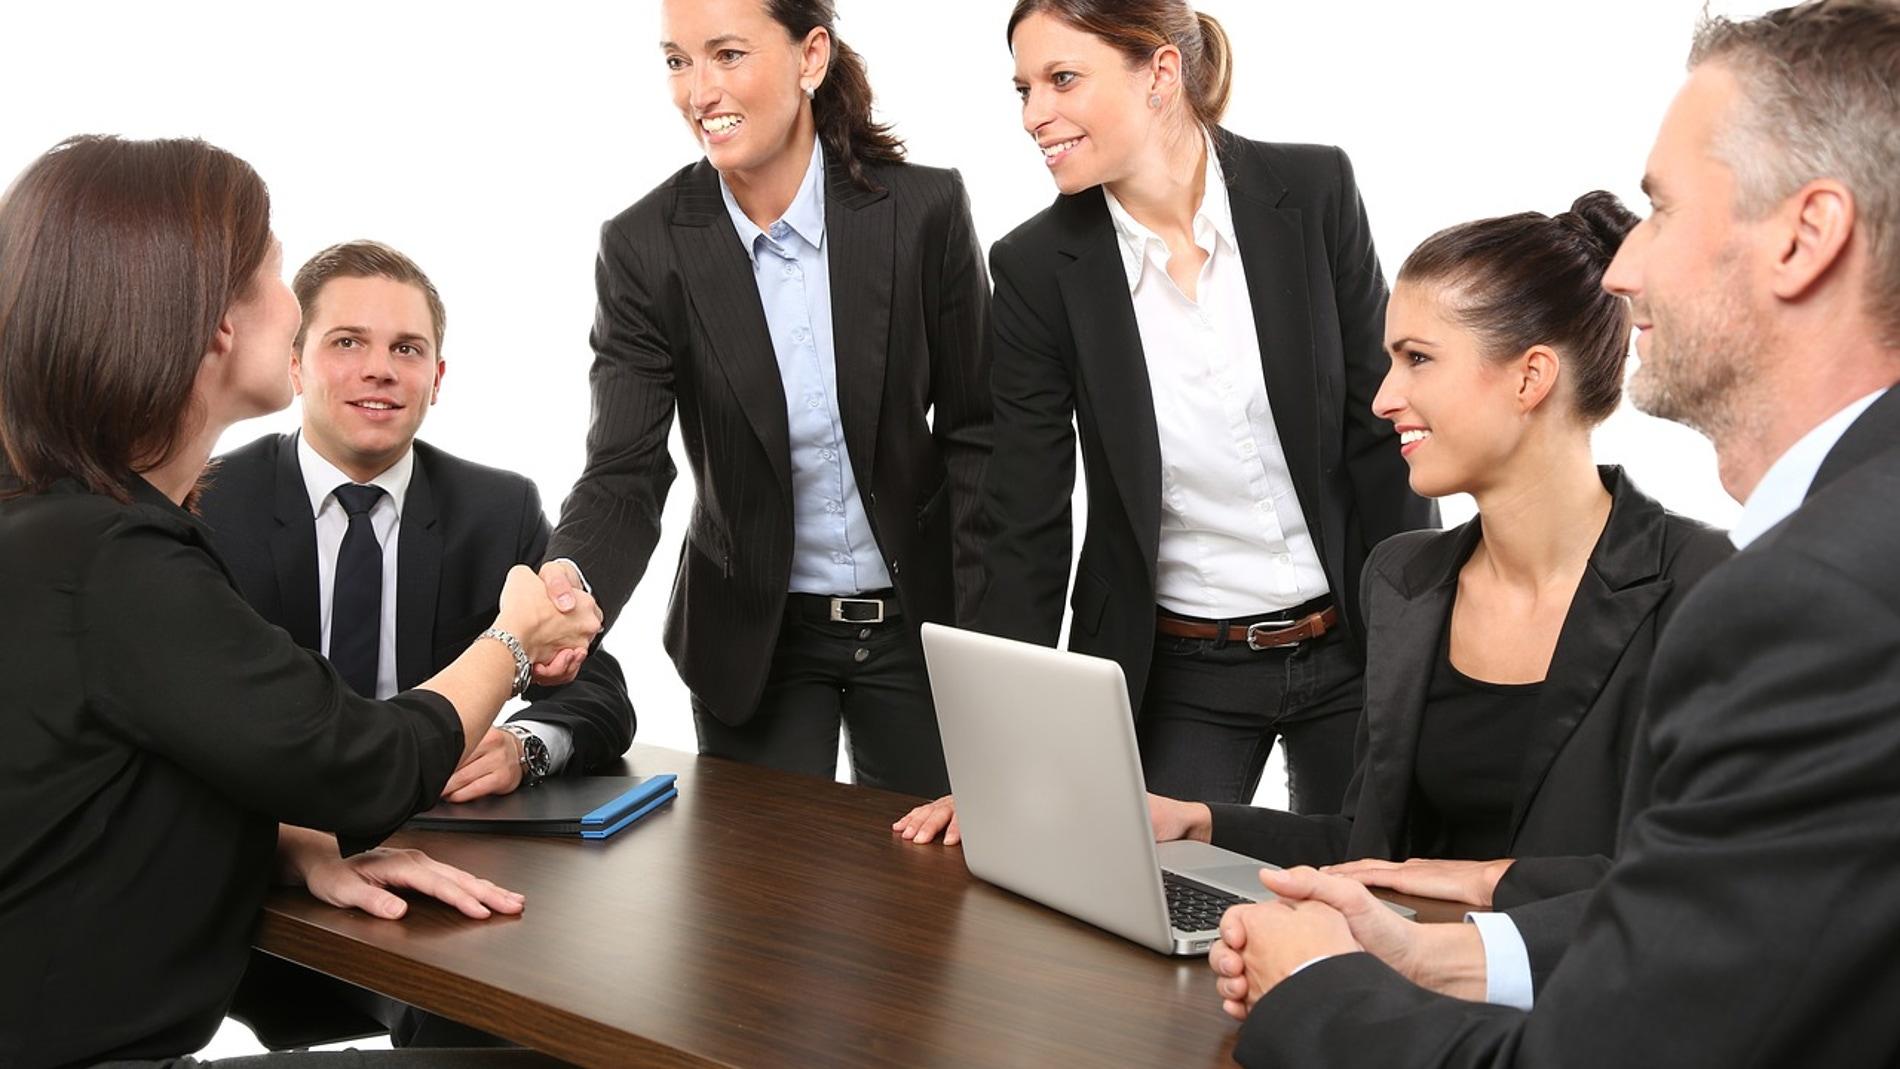 Los empleados sobrecualificados para su posición están más insatisfechos